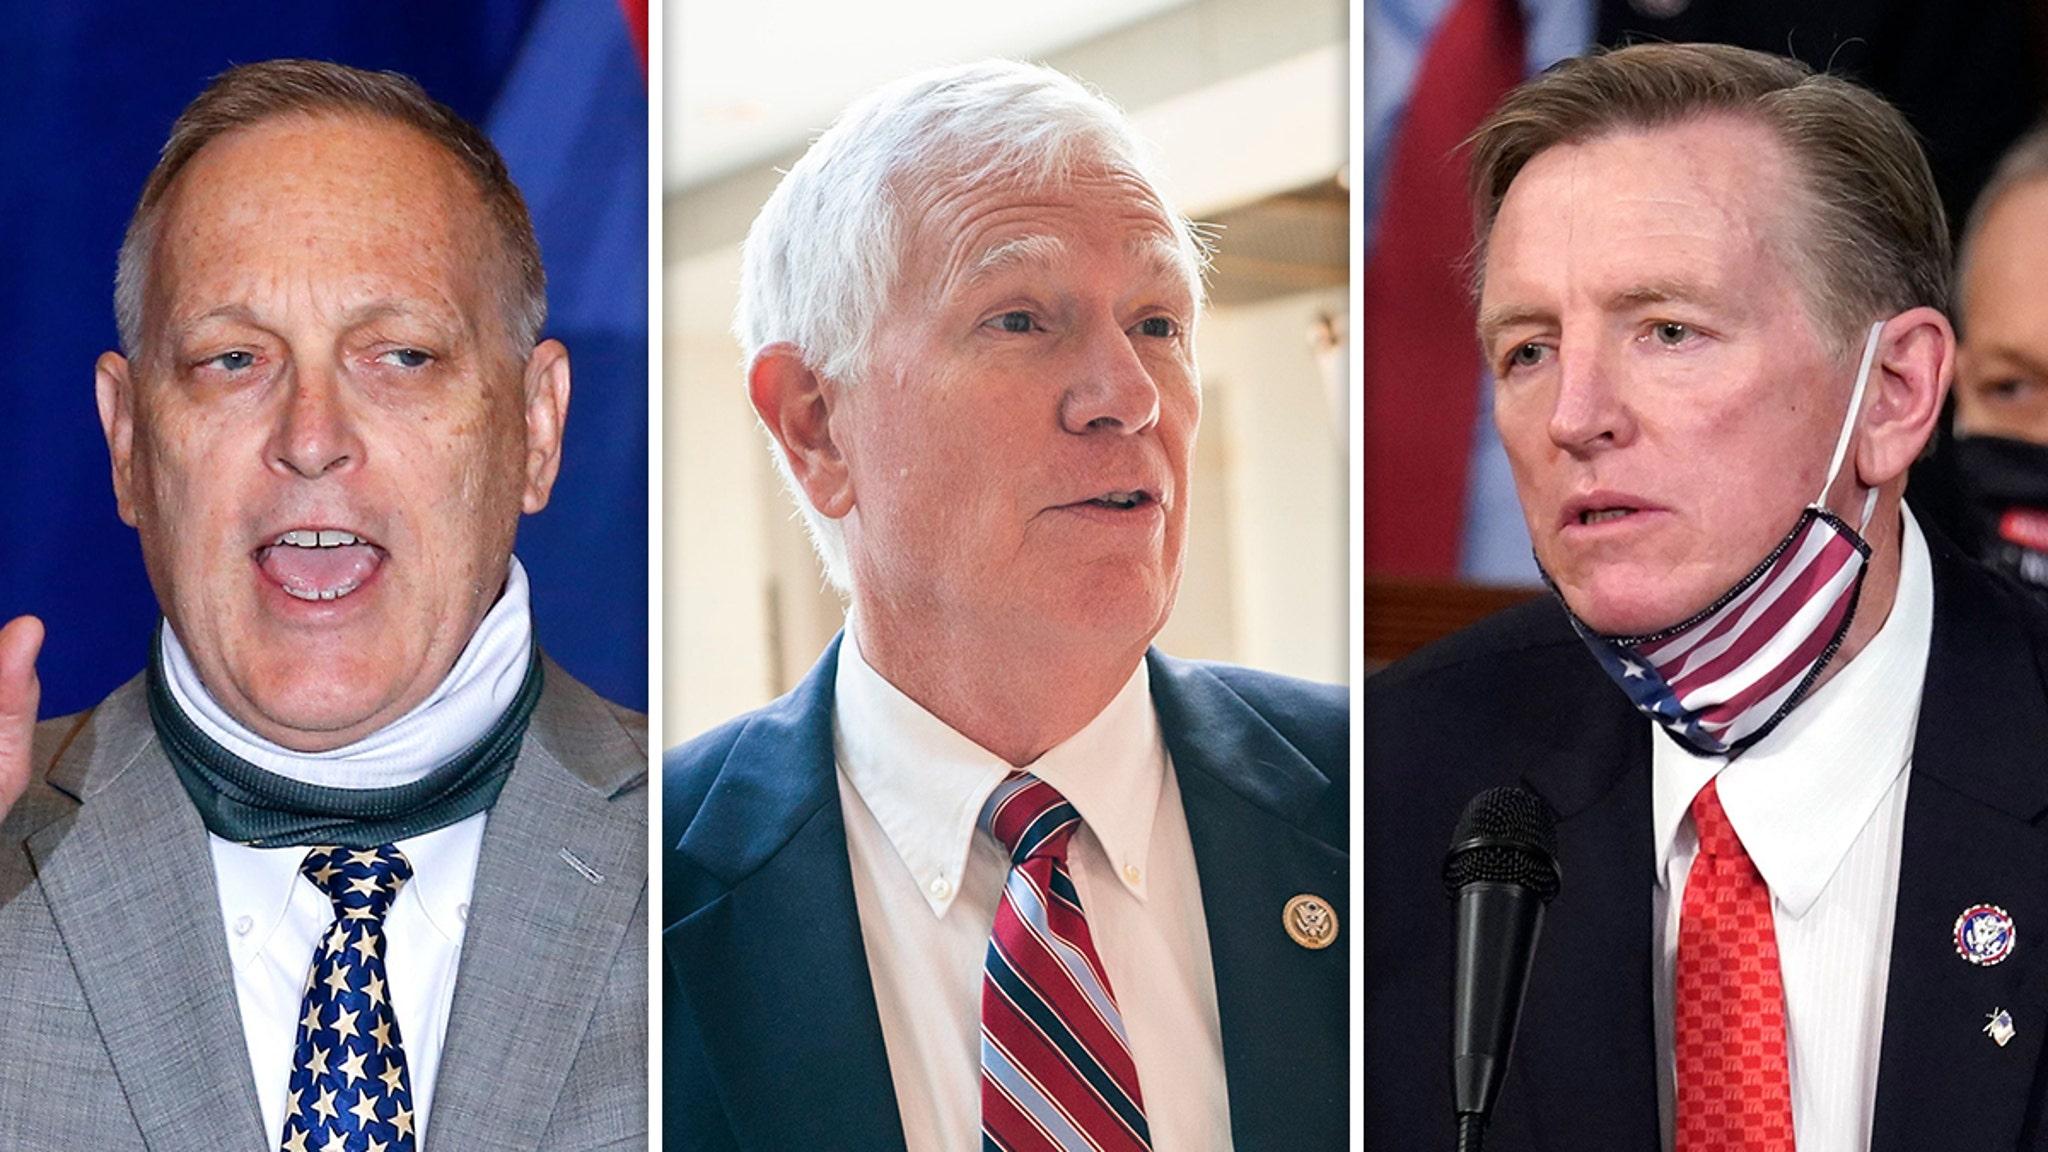 Организатор «Stop the Steal» утверждает, что 3 представителя Республиканской партии помогли ему спланировать ралли DC